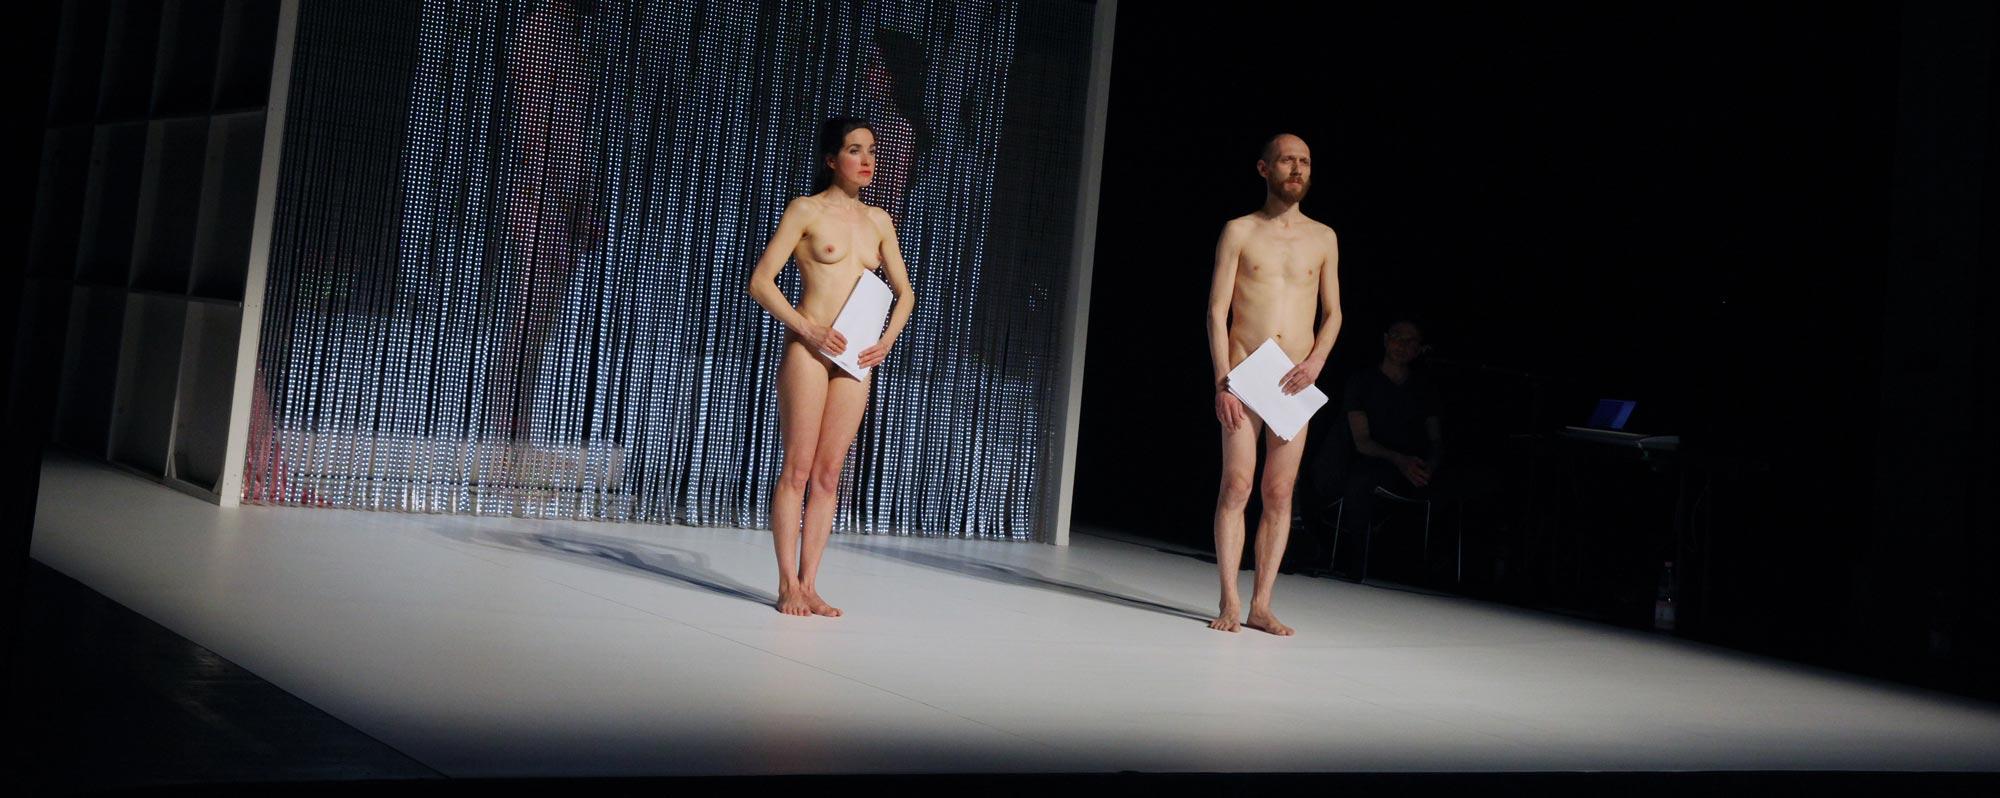 Teater naken